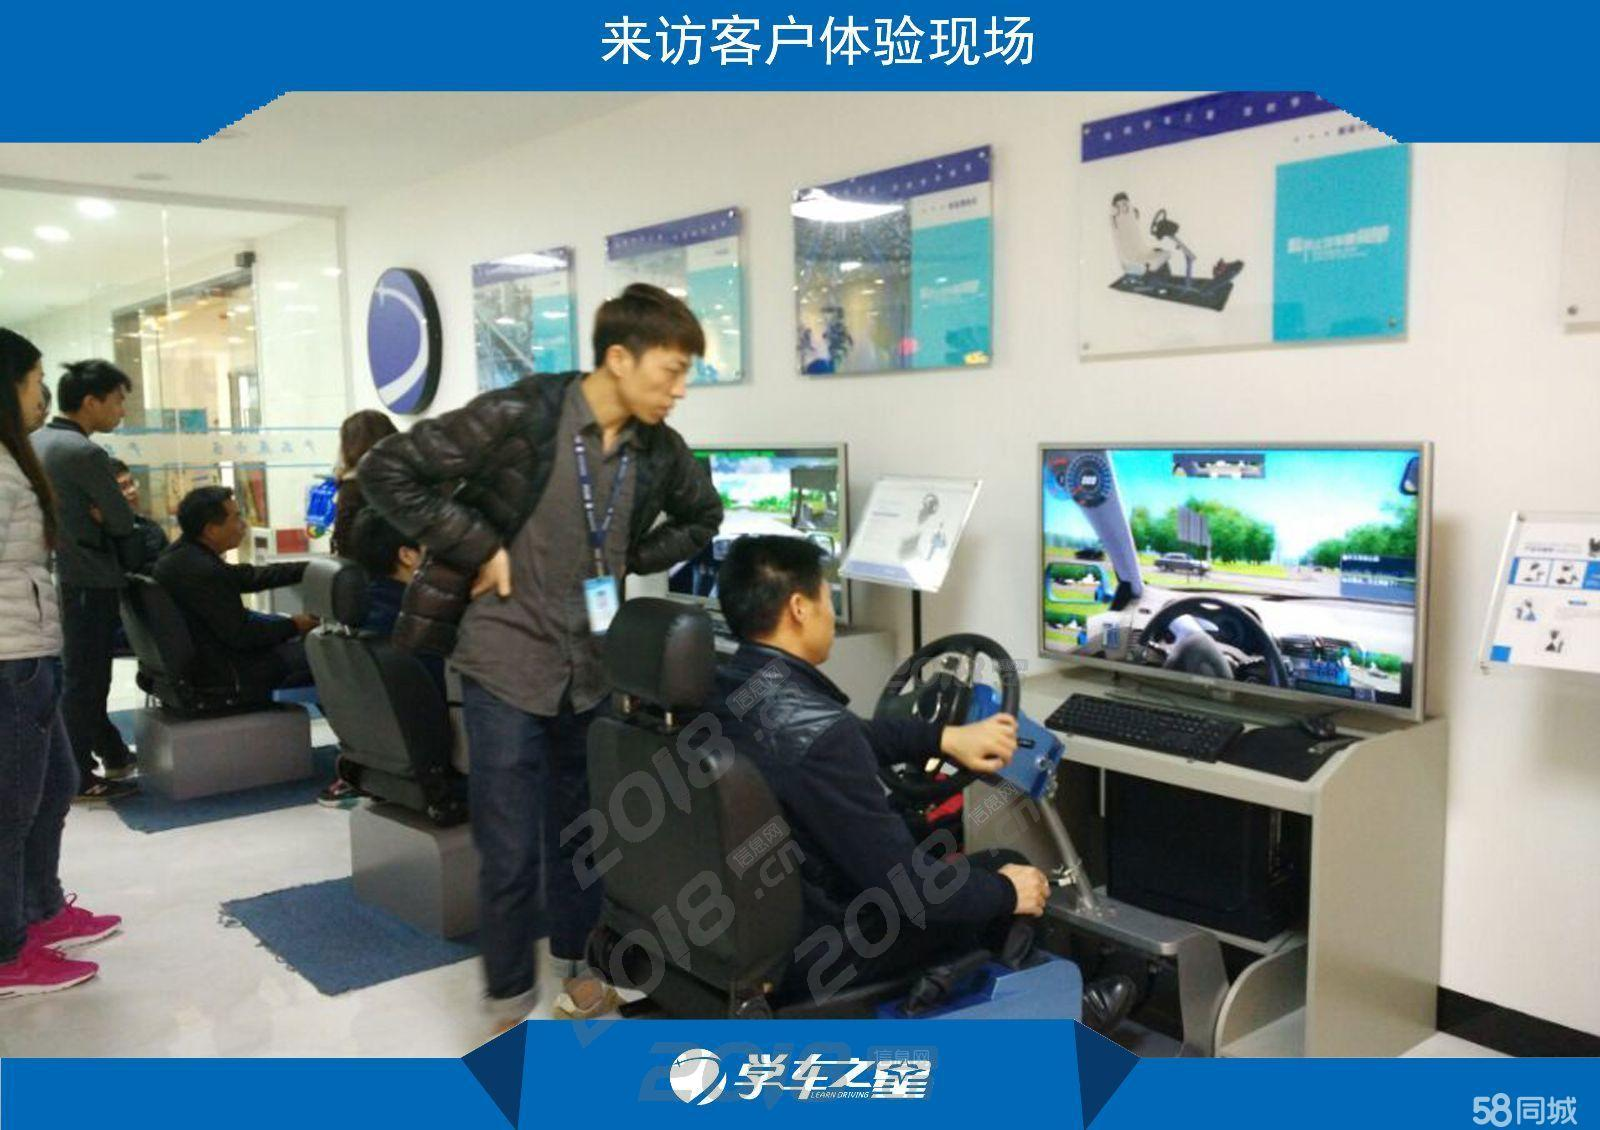 扬州县城做什么生意好赚钱 开学车吧空白市场项目